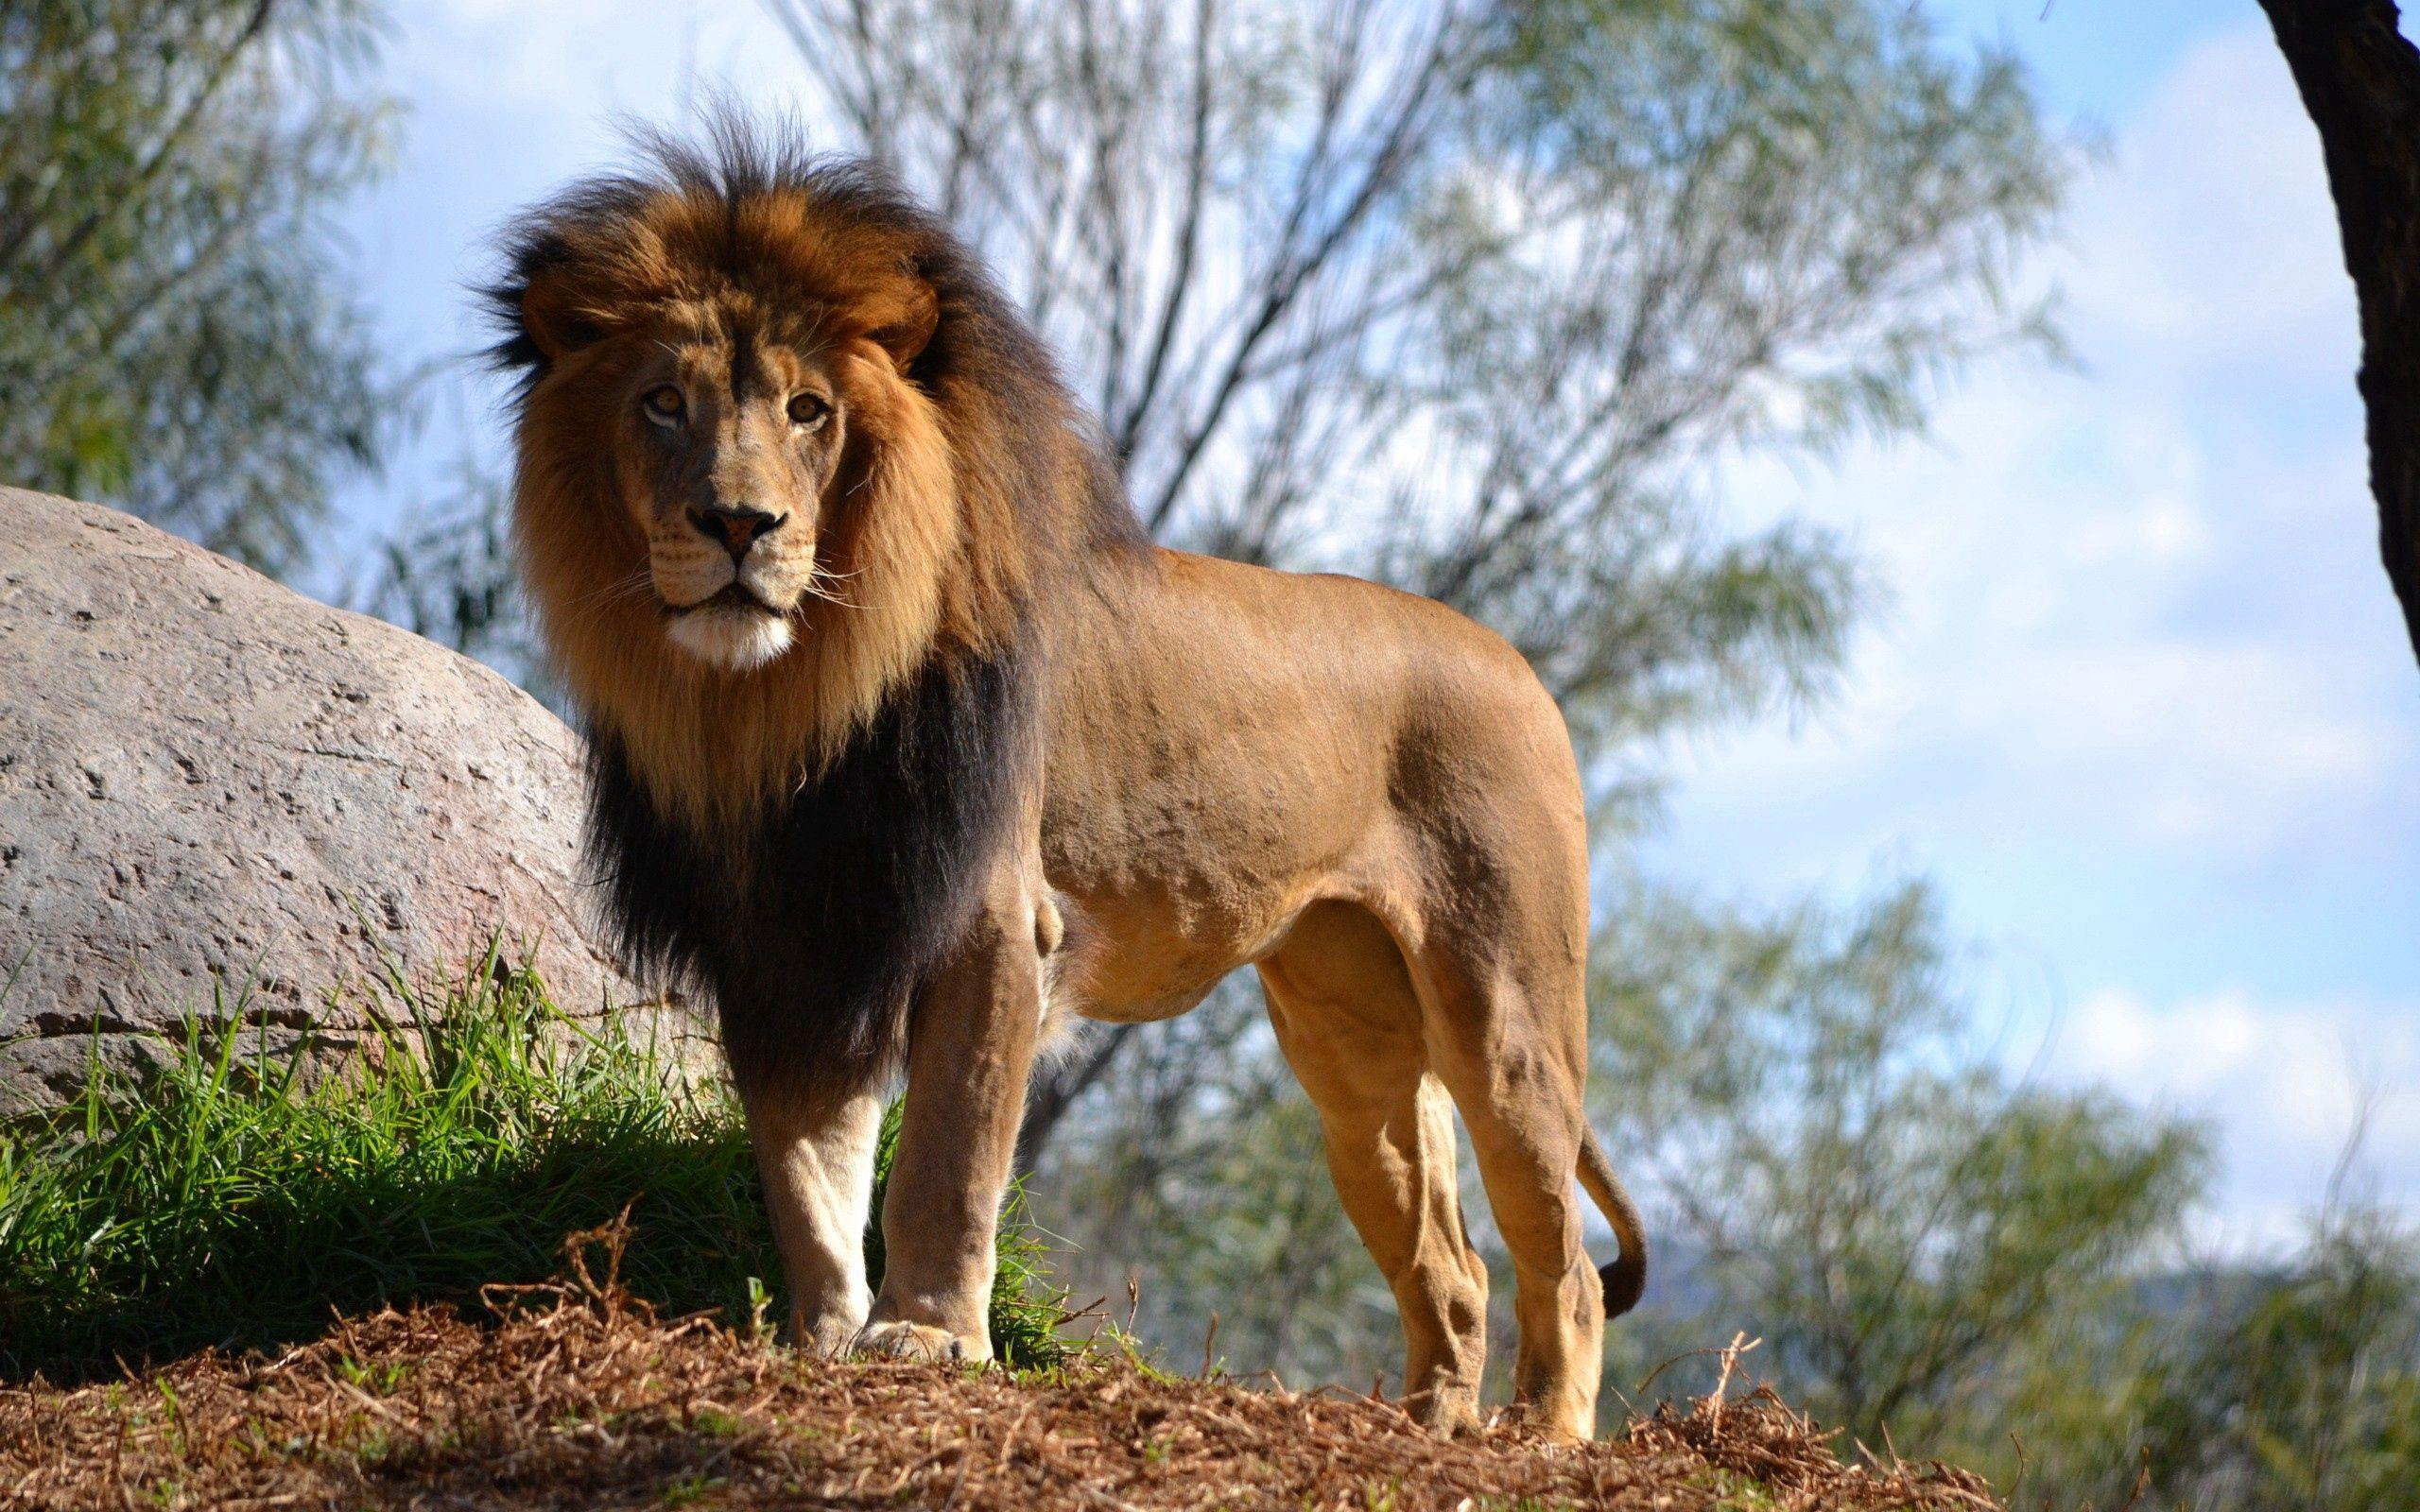 141104 Protetores de tela e papéis de parede Leão em seu telefone. Baixe Leão, Animais, Grama, Céu, Madeira, Árvore, Um Leão fotos gratuitamente